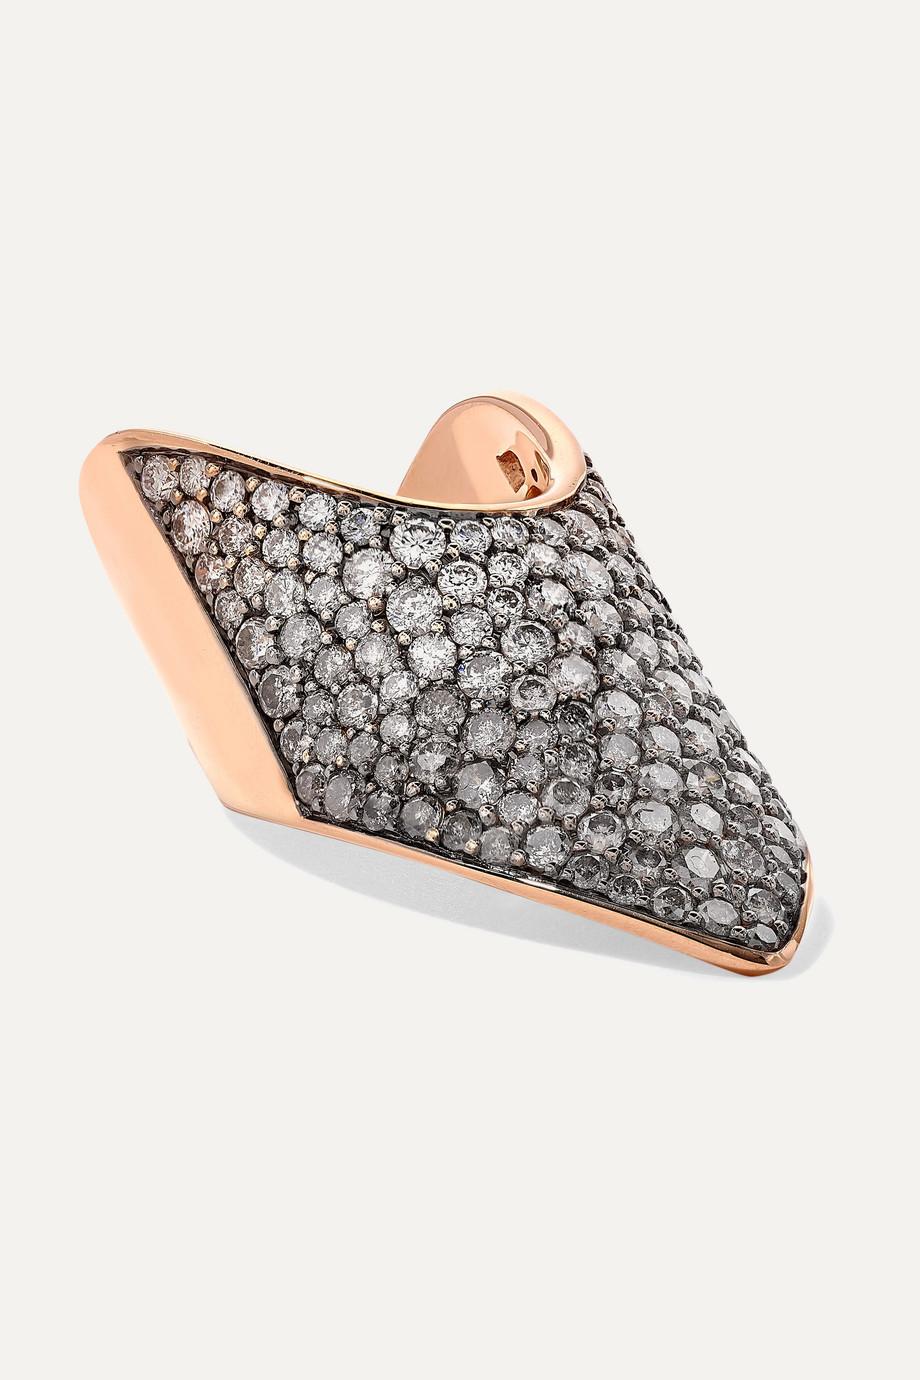 Diane Kordas 18-karat rose gold diamond ring